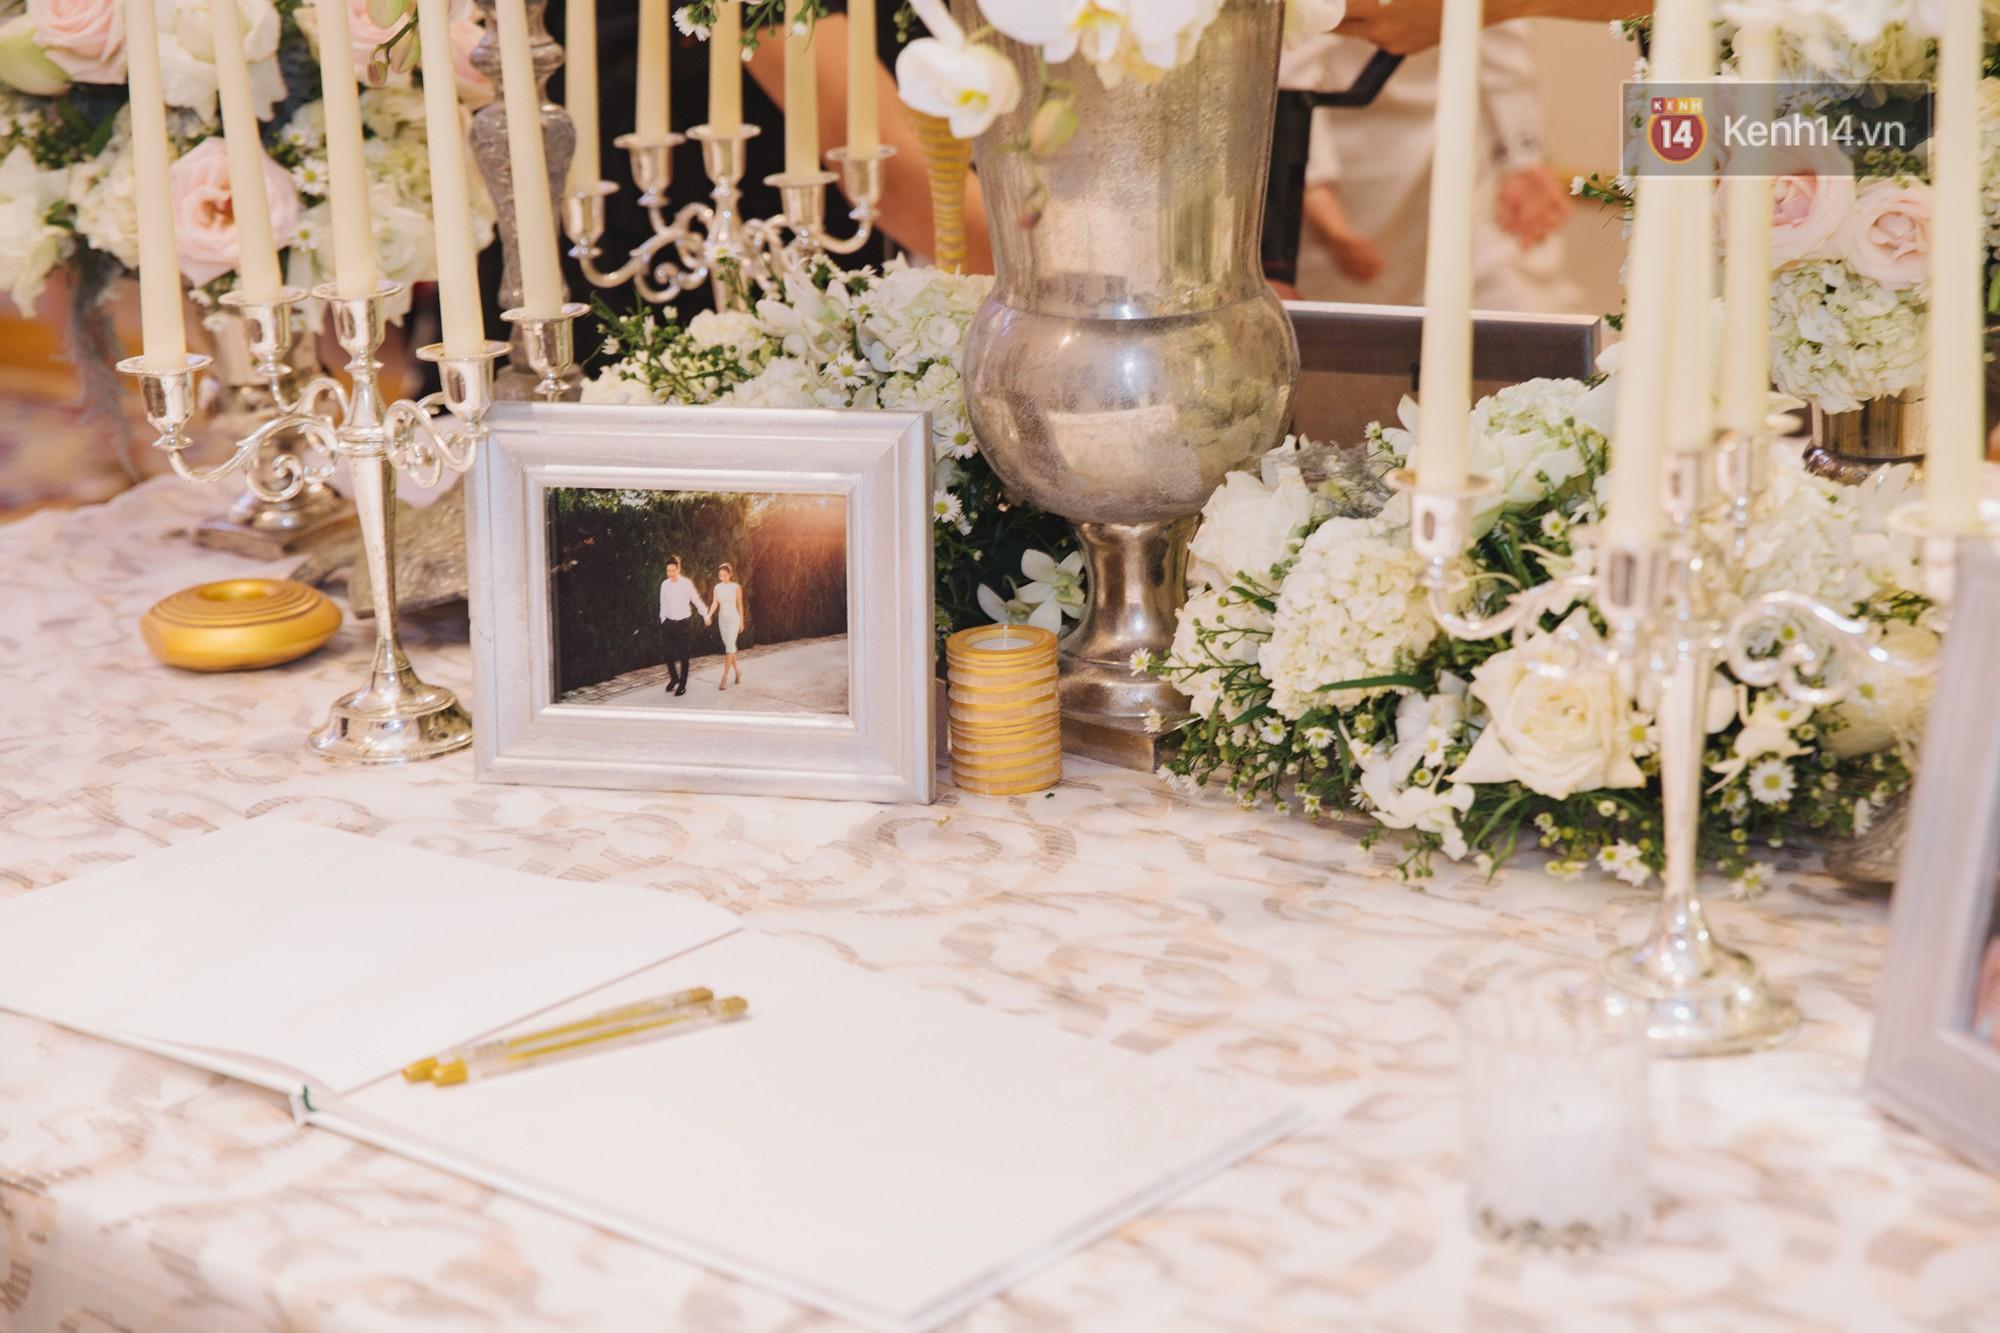 Hé lộ không gian cưới sang trọng của ca sĩ Lê Hiếu và bà xã Thu Trang - Ảnh 5.